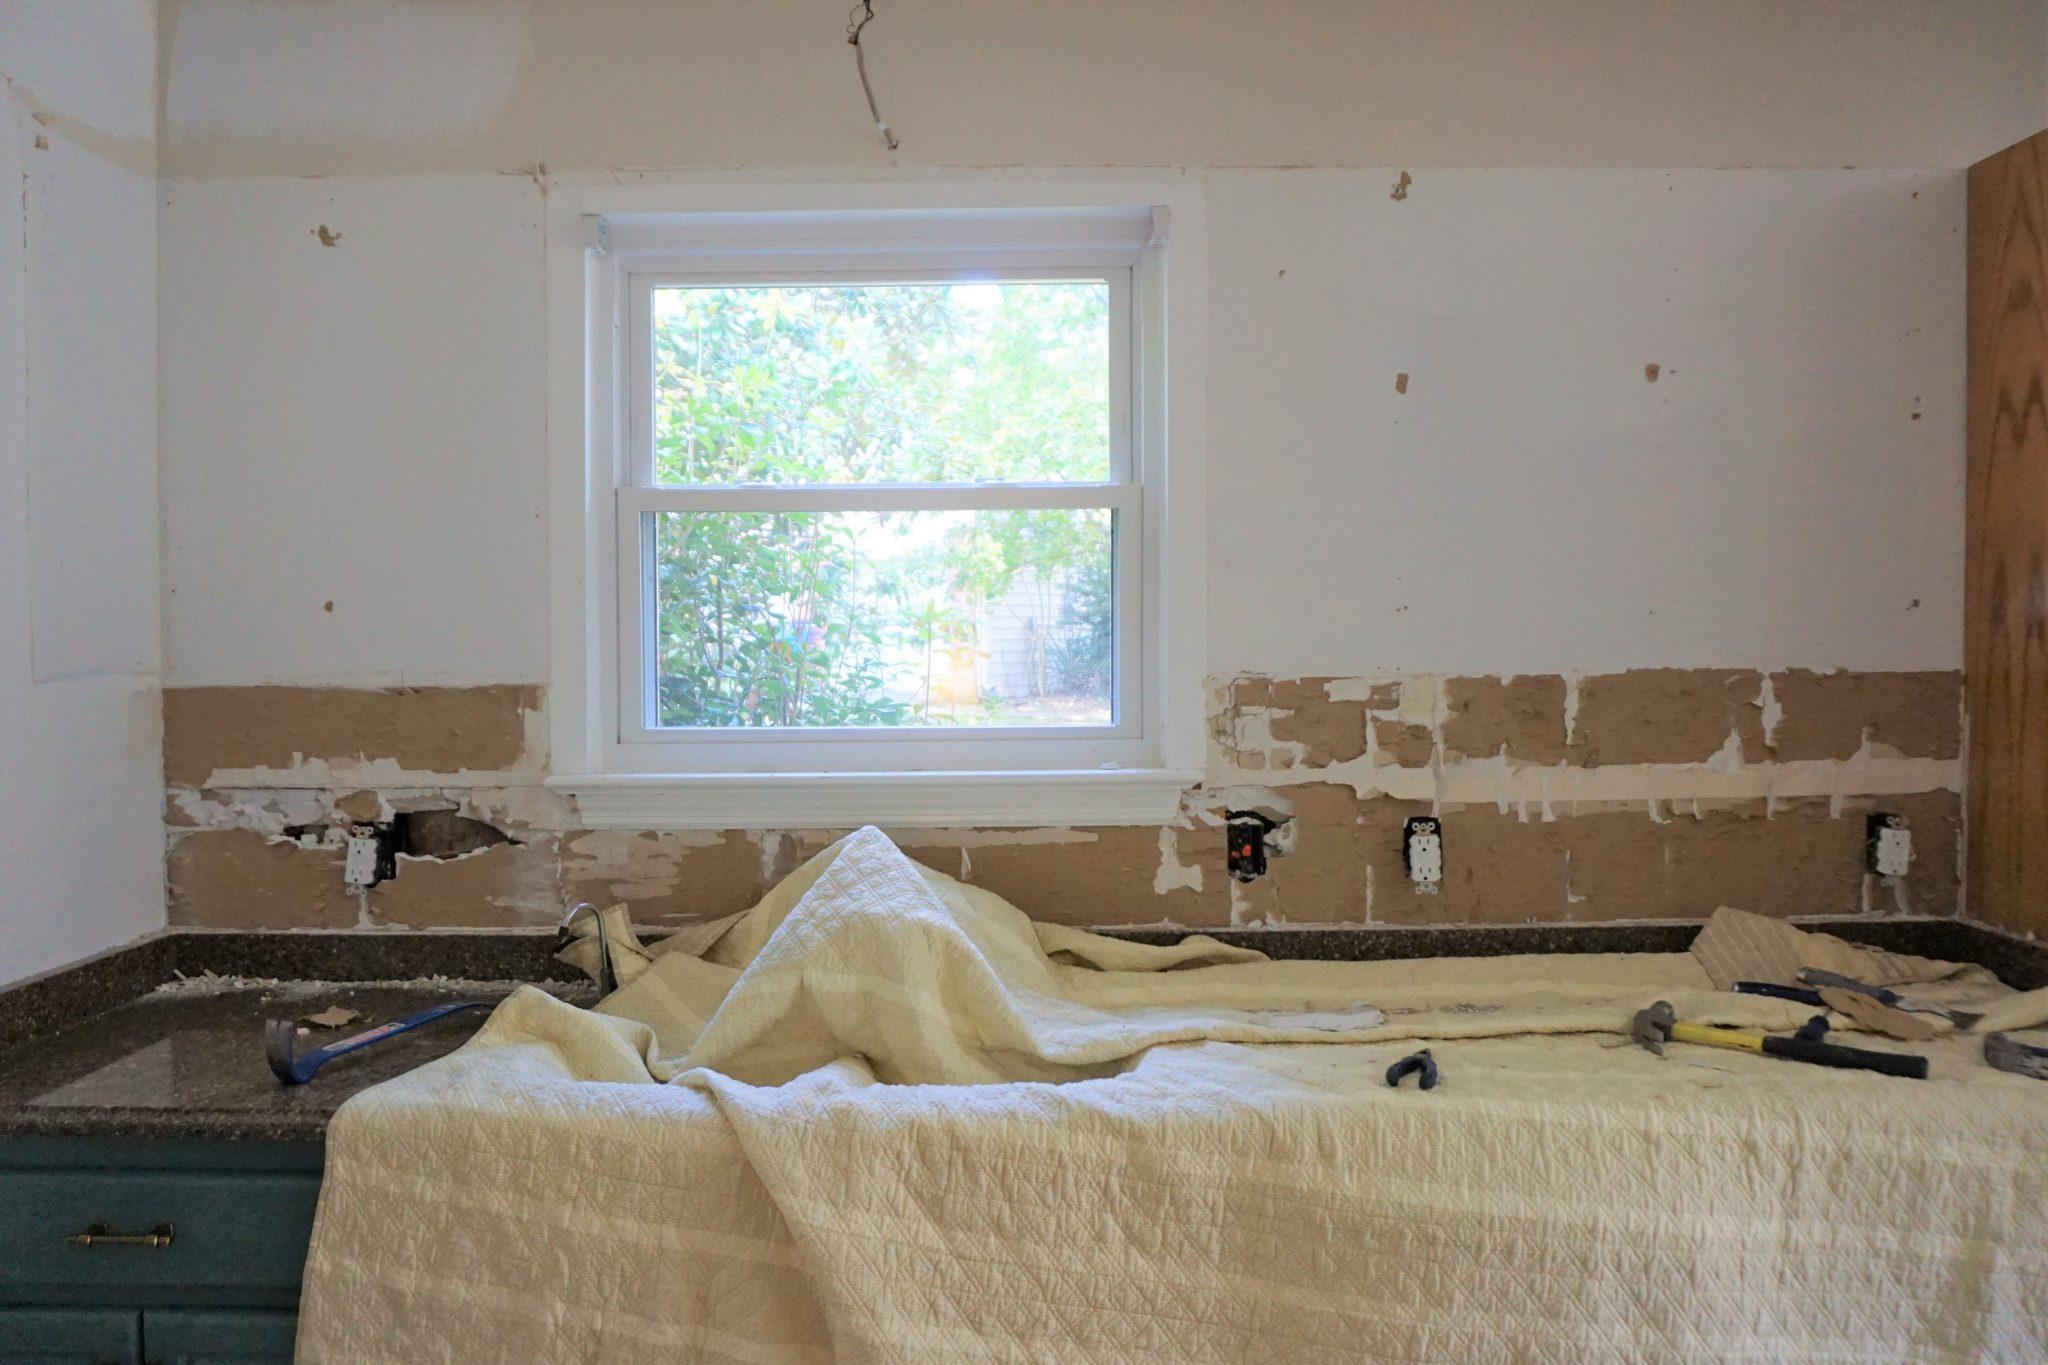 Removing A Tiled Backsplash Prepping Walls For New Tiles One Room Challenge Week 3 Forrester Home